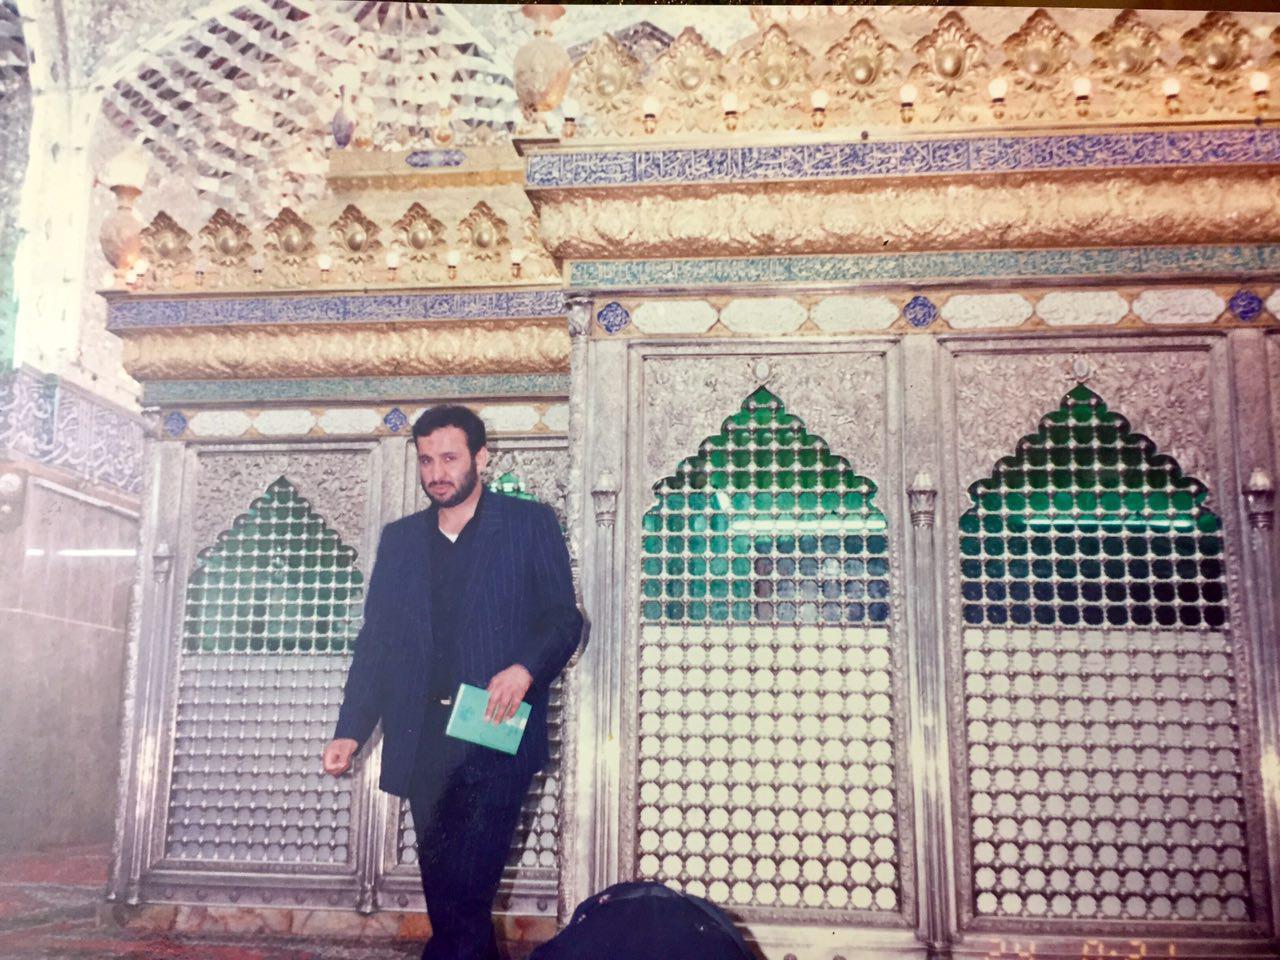 سردار دانشیار، مجاهد گمنامی برای انقلاب اسلامی ایران جنگید